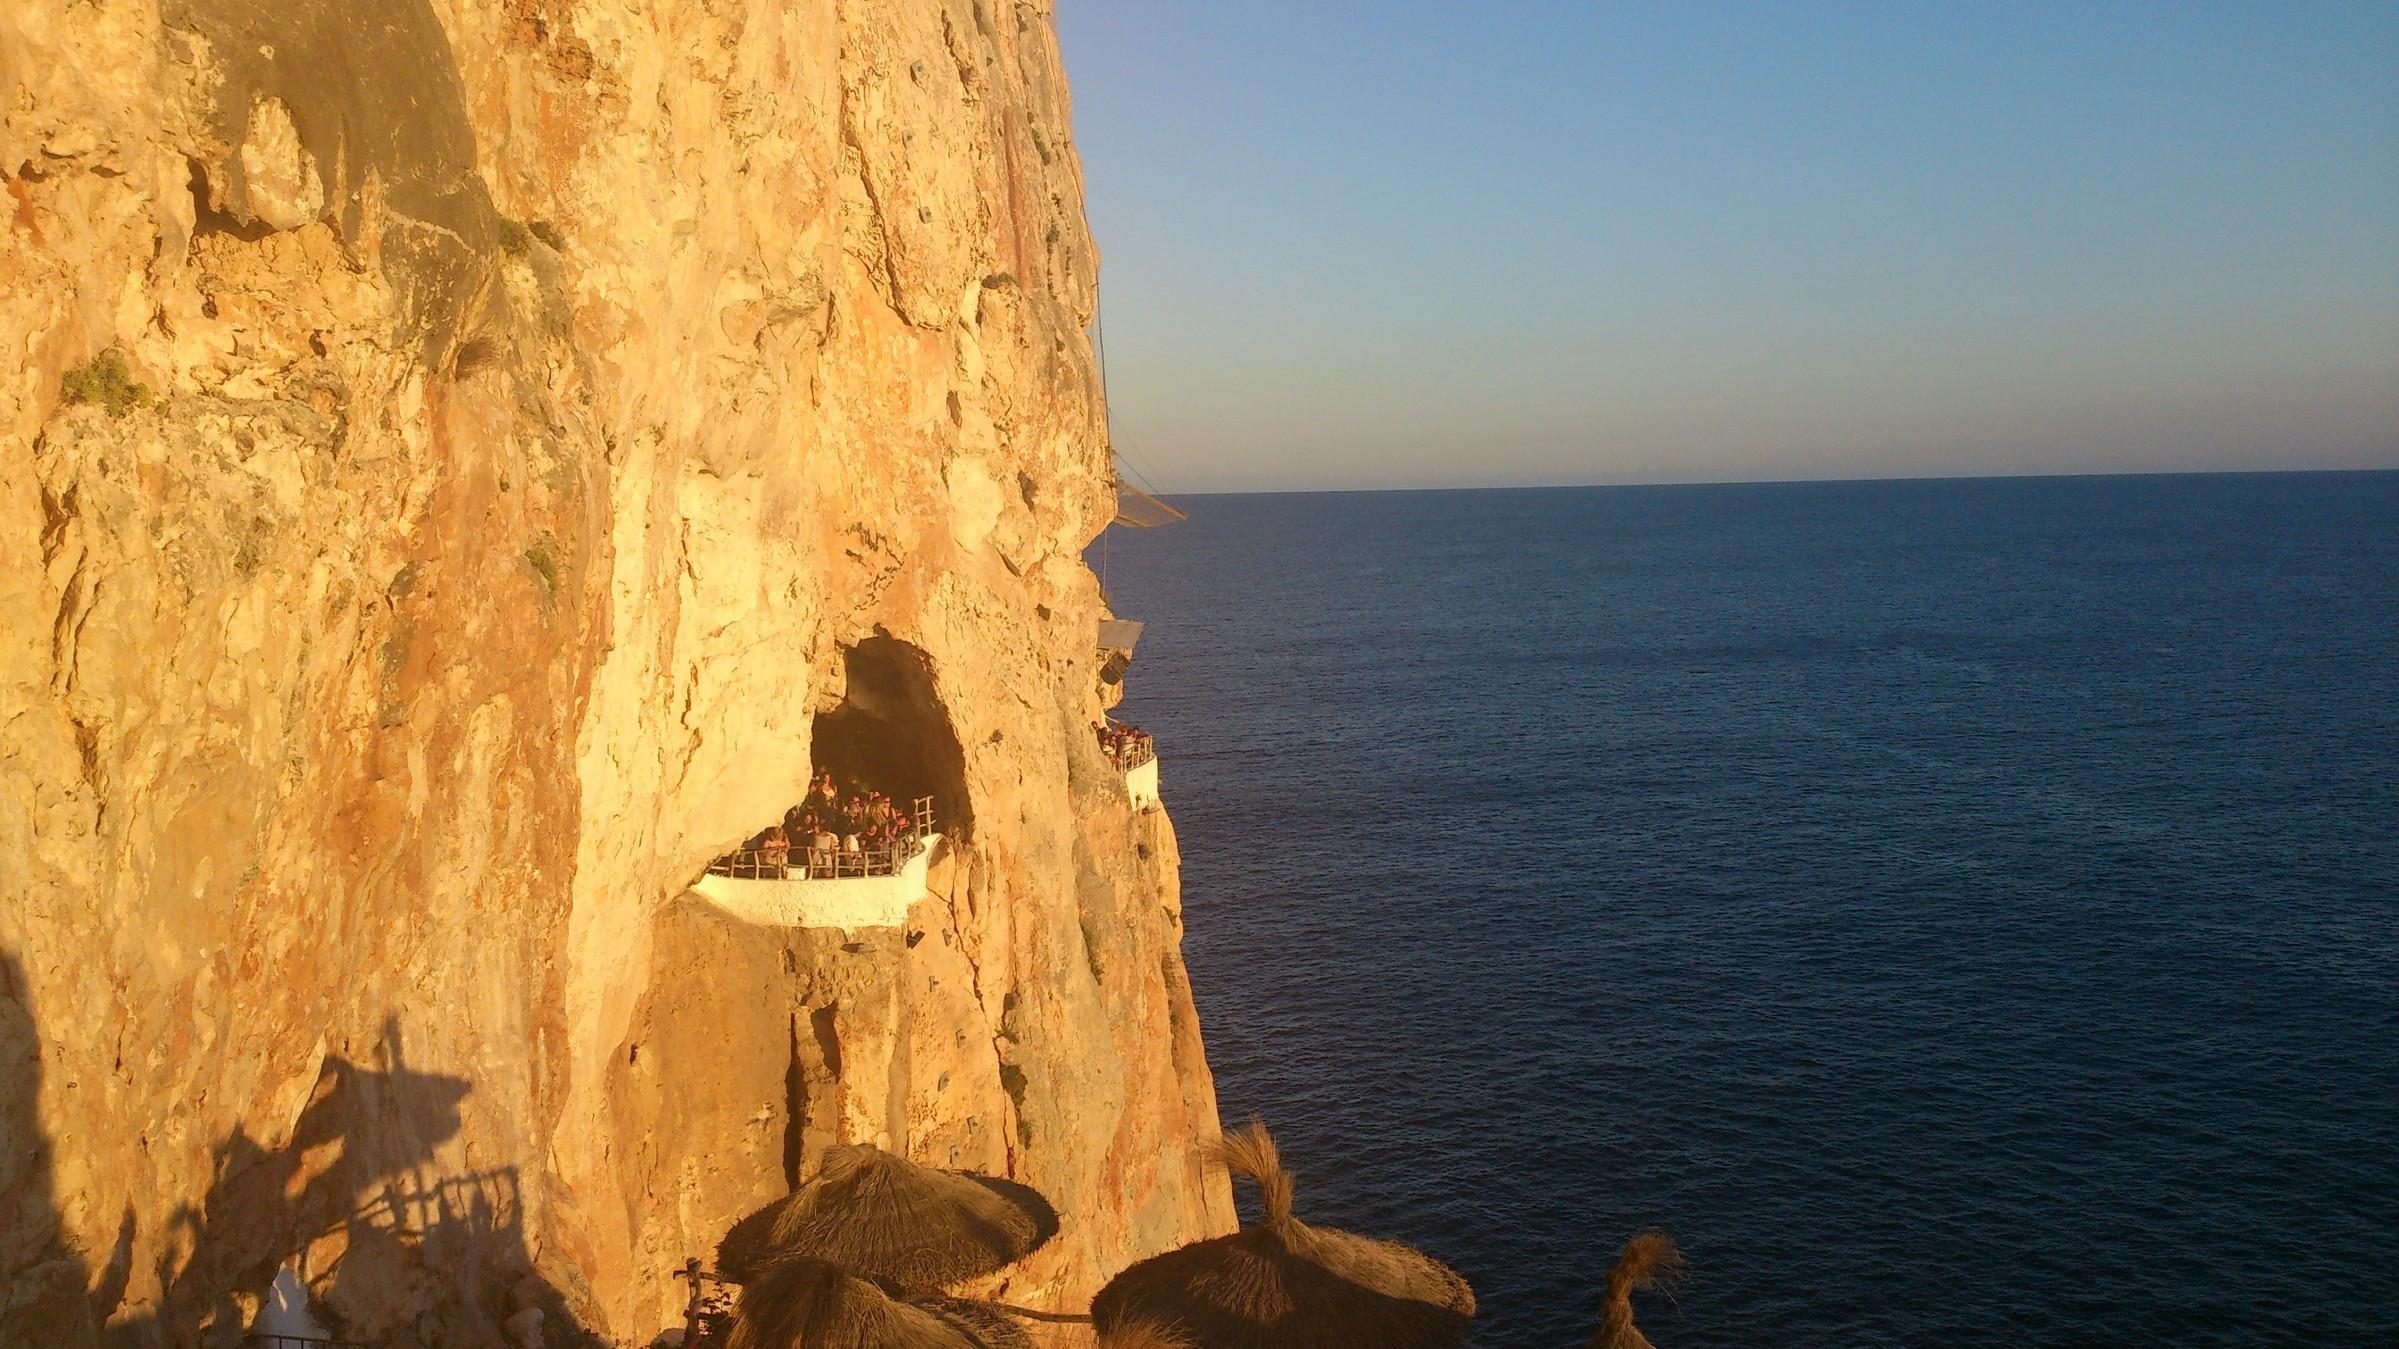 клуб в пещере.  посмотреть закат-12евро с человека, Менорка